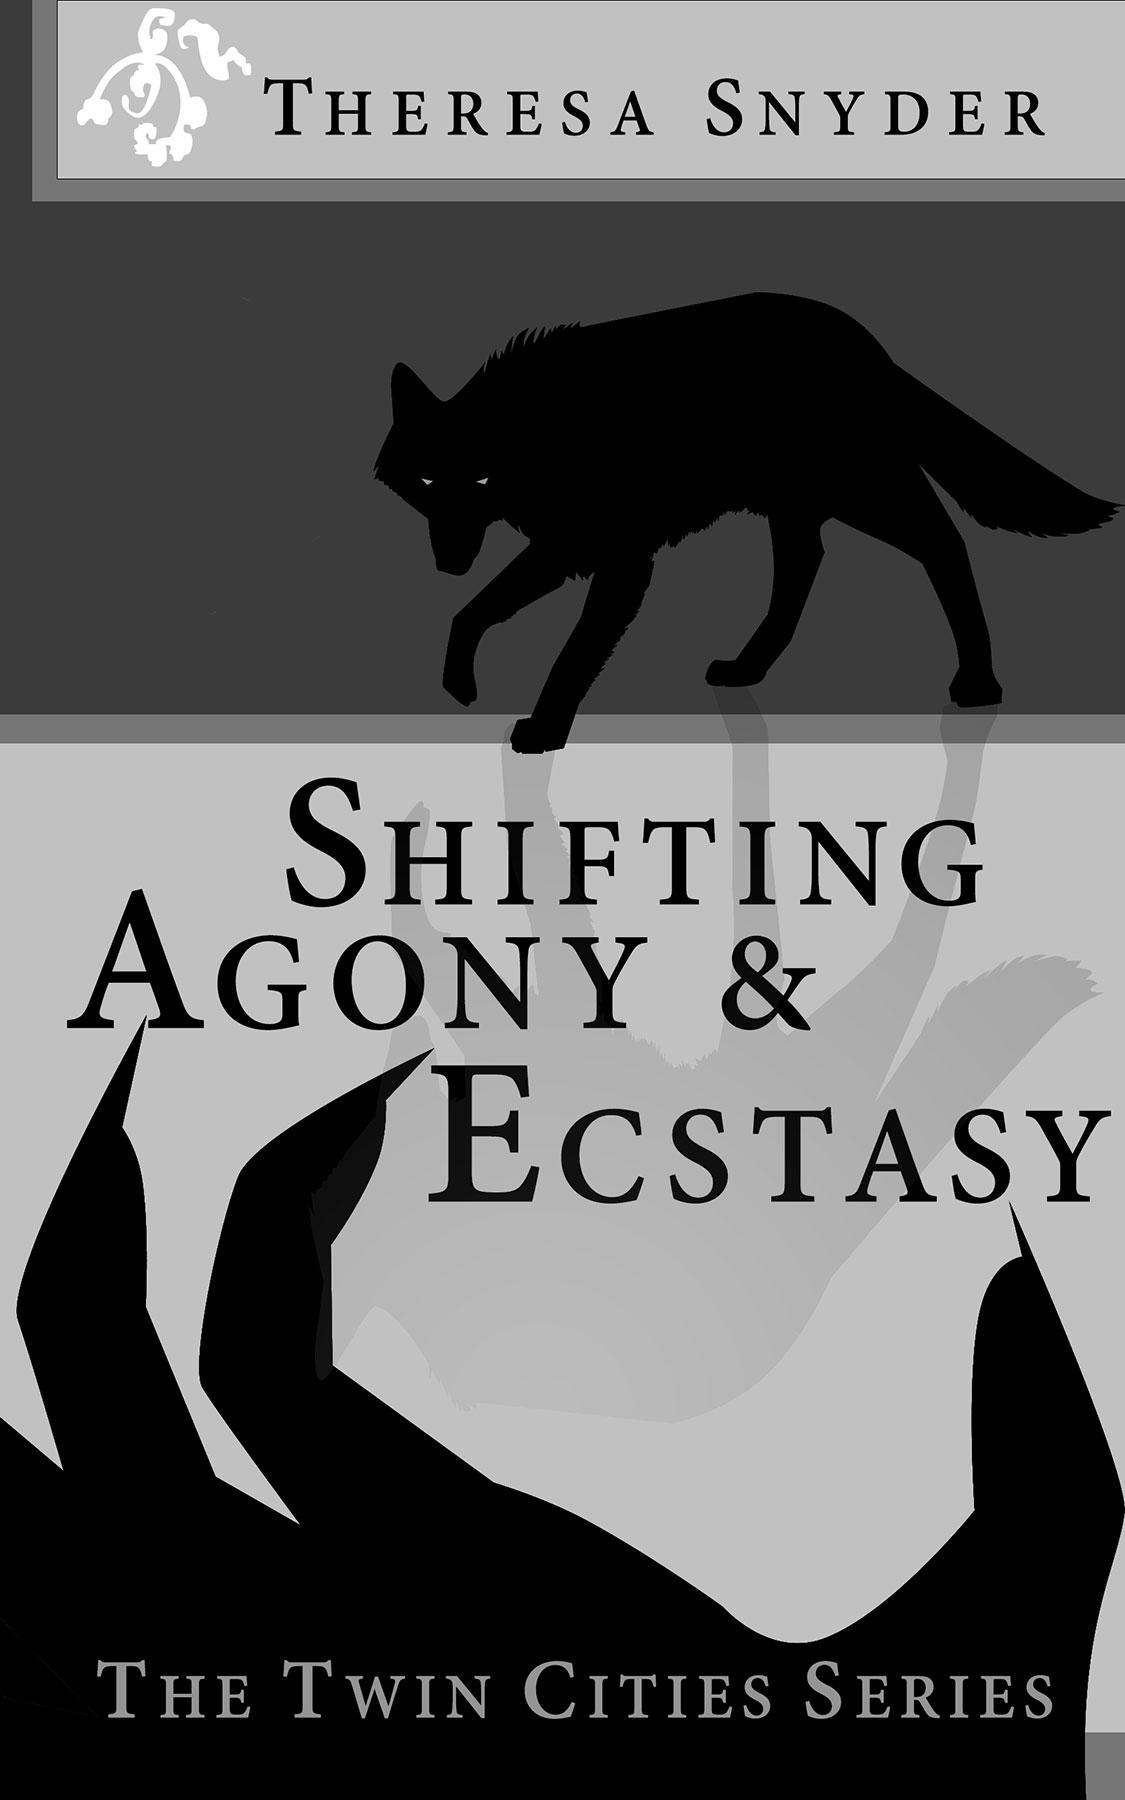 Shifting Agony & Ecstasy